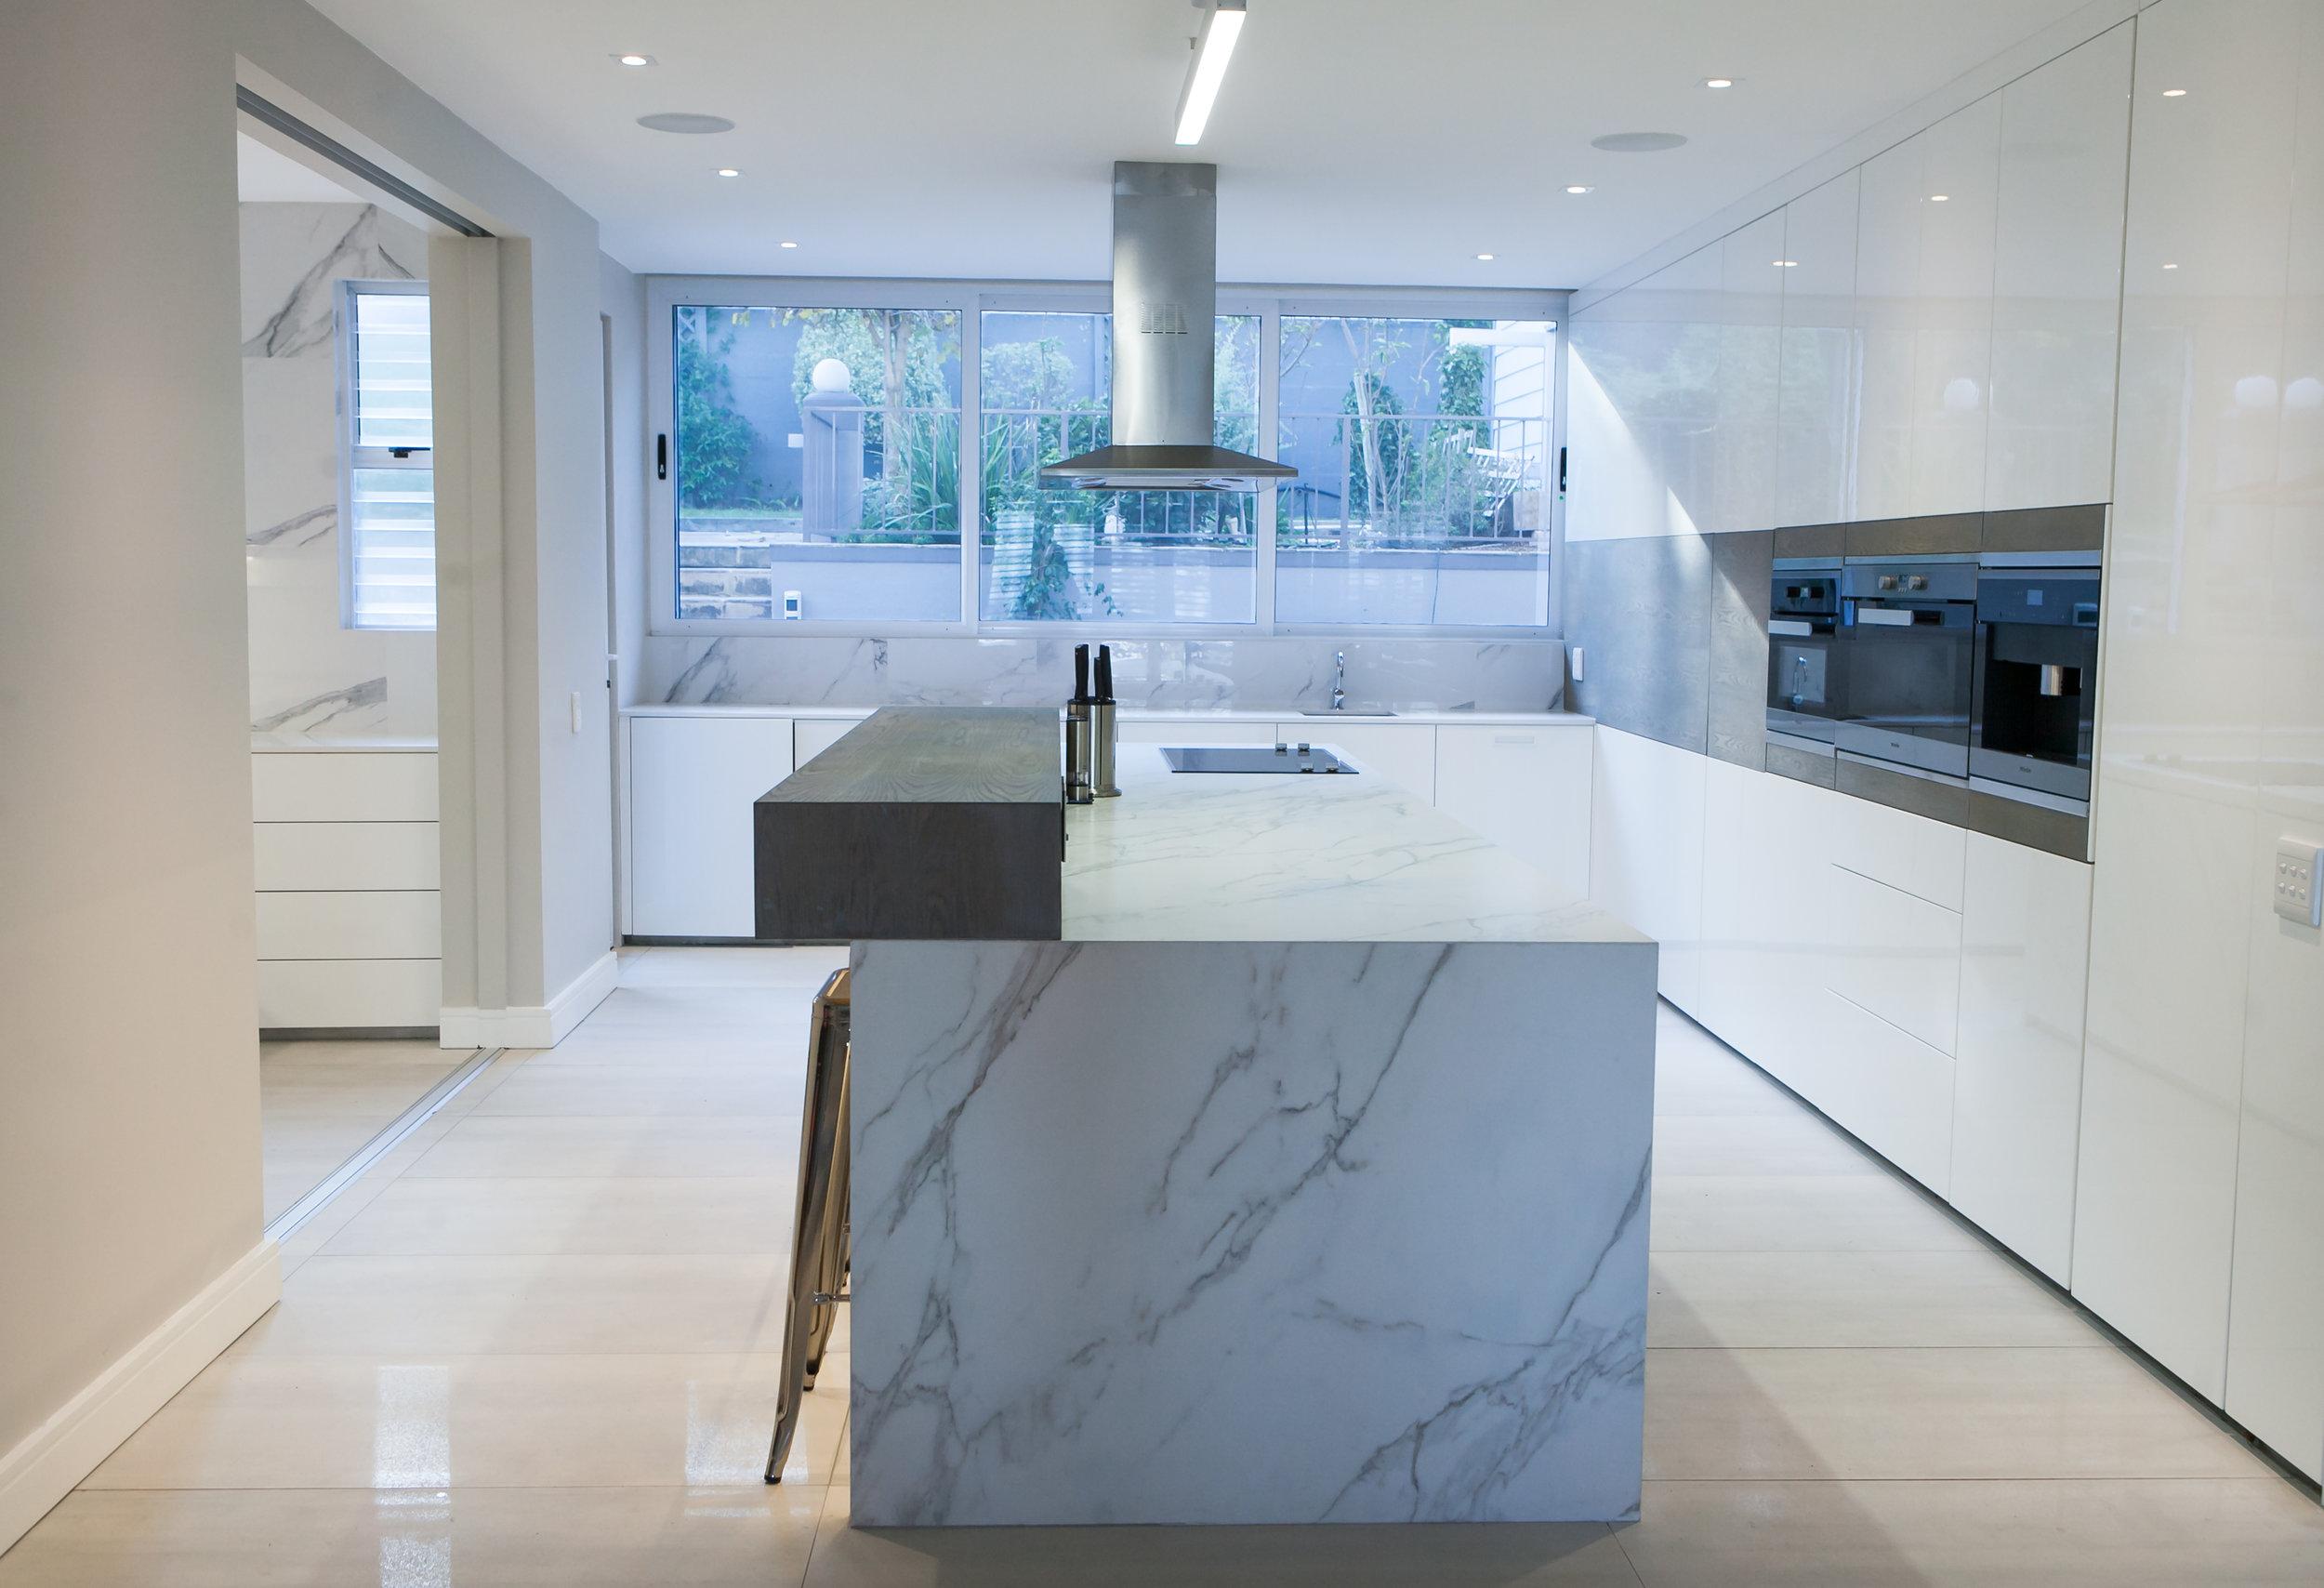 Fittal Kitchen 7.jpg